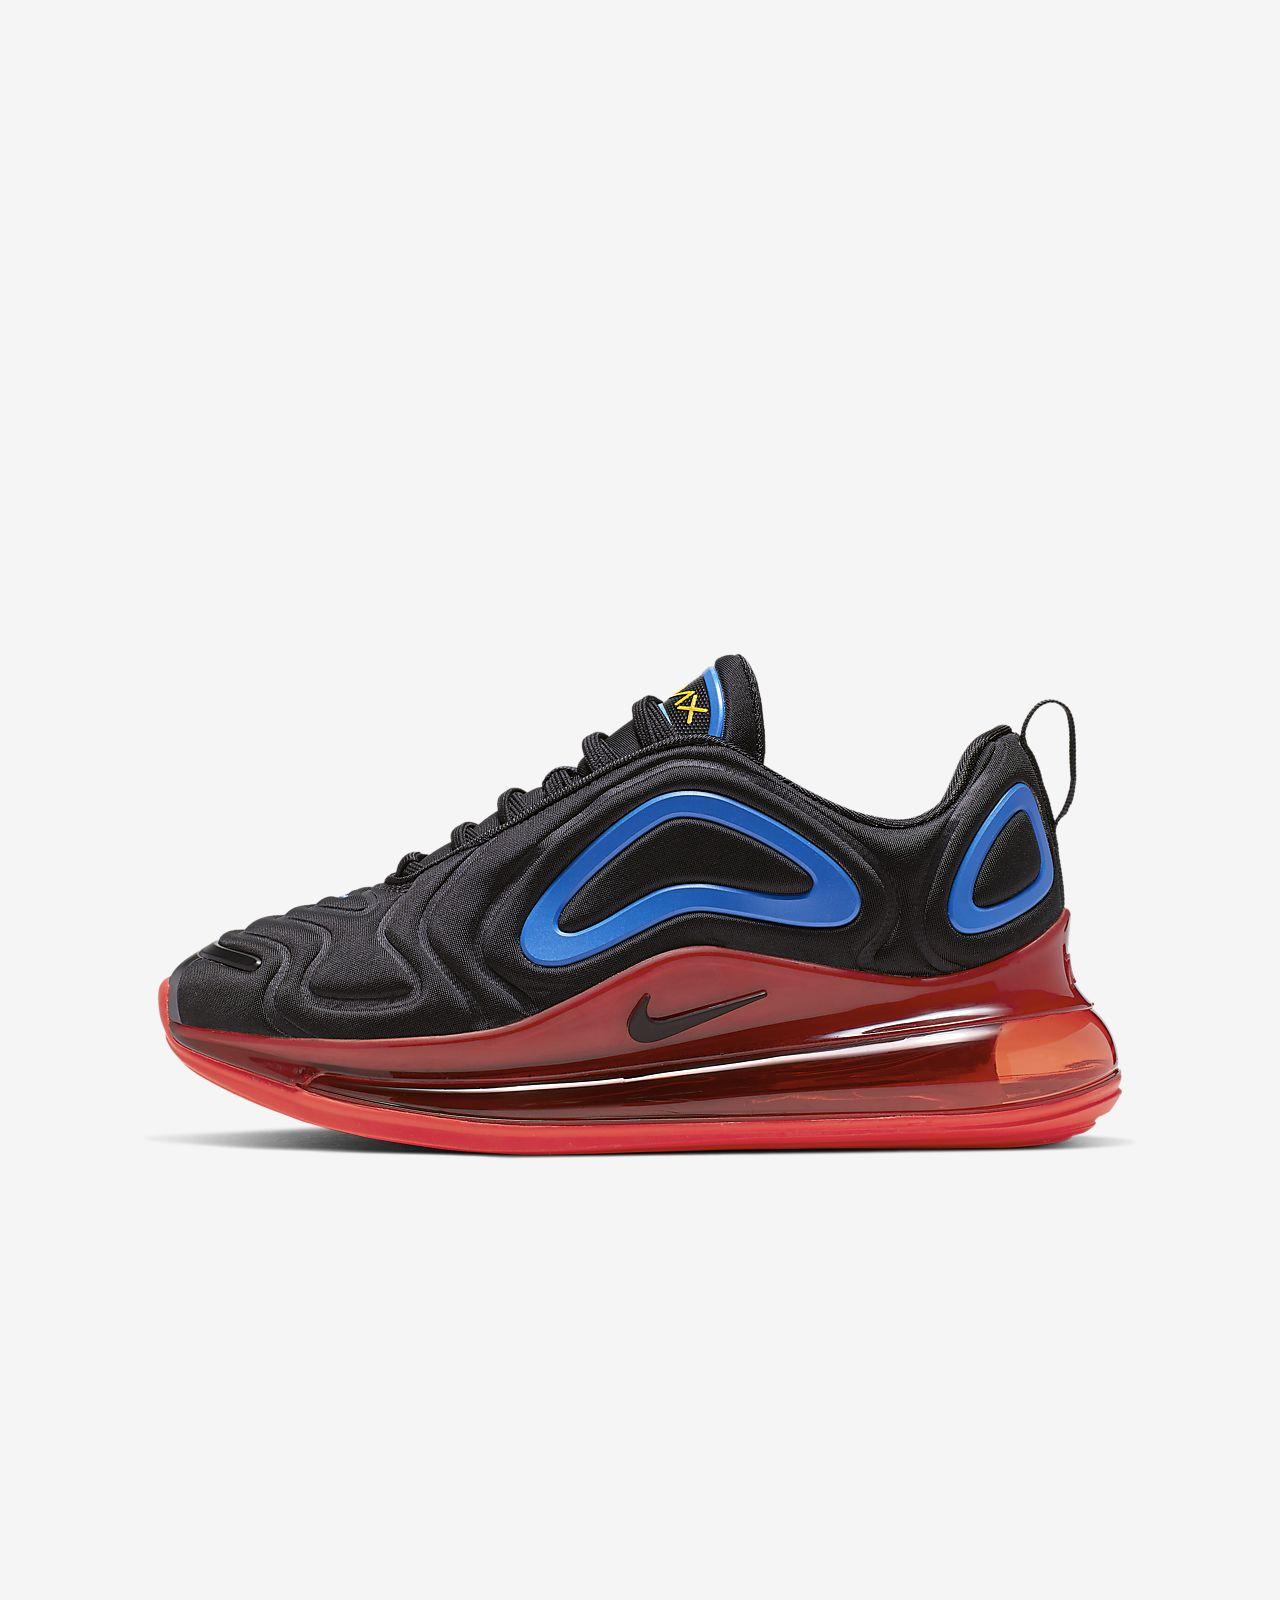 Buty dla małych/dużych dzieci Nike Air Max 720 Game Change